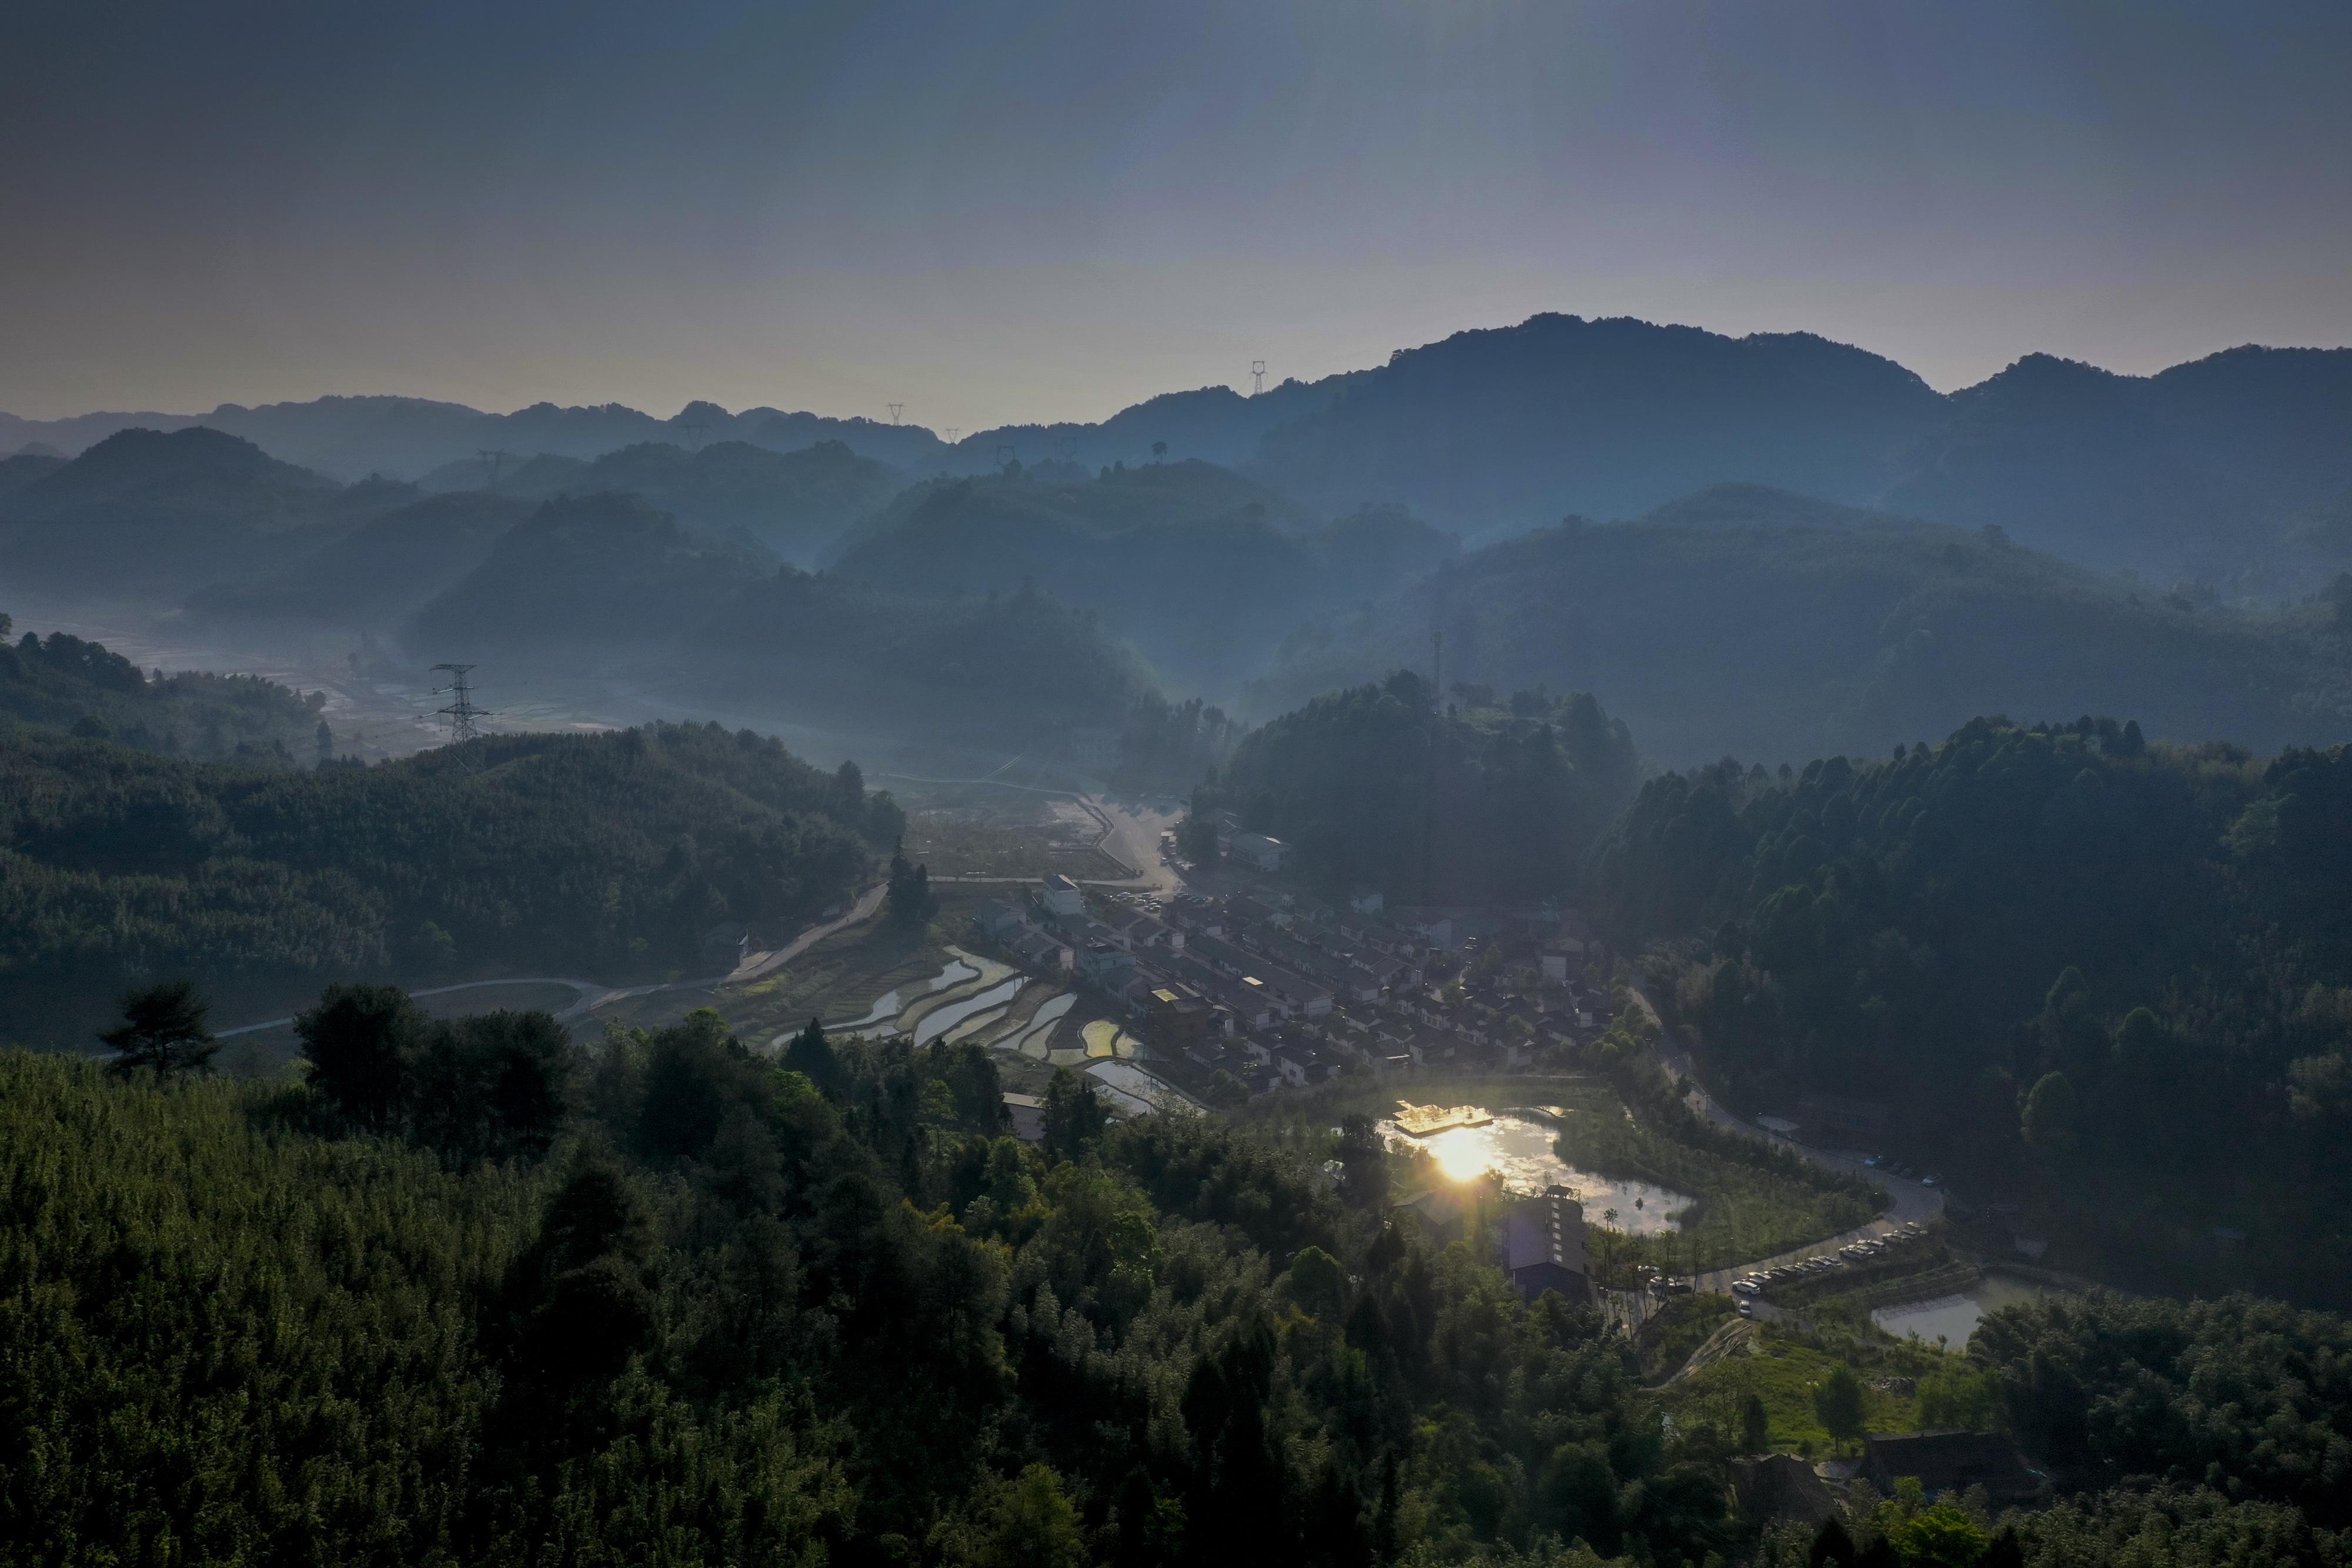 俗称百里槽又叫寿竹之乡的梁平县百里竹海,航拍风景... _网易视频